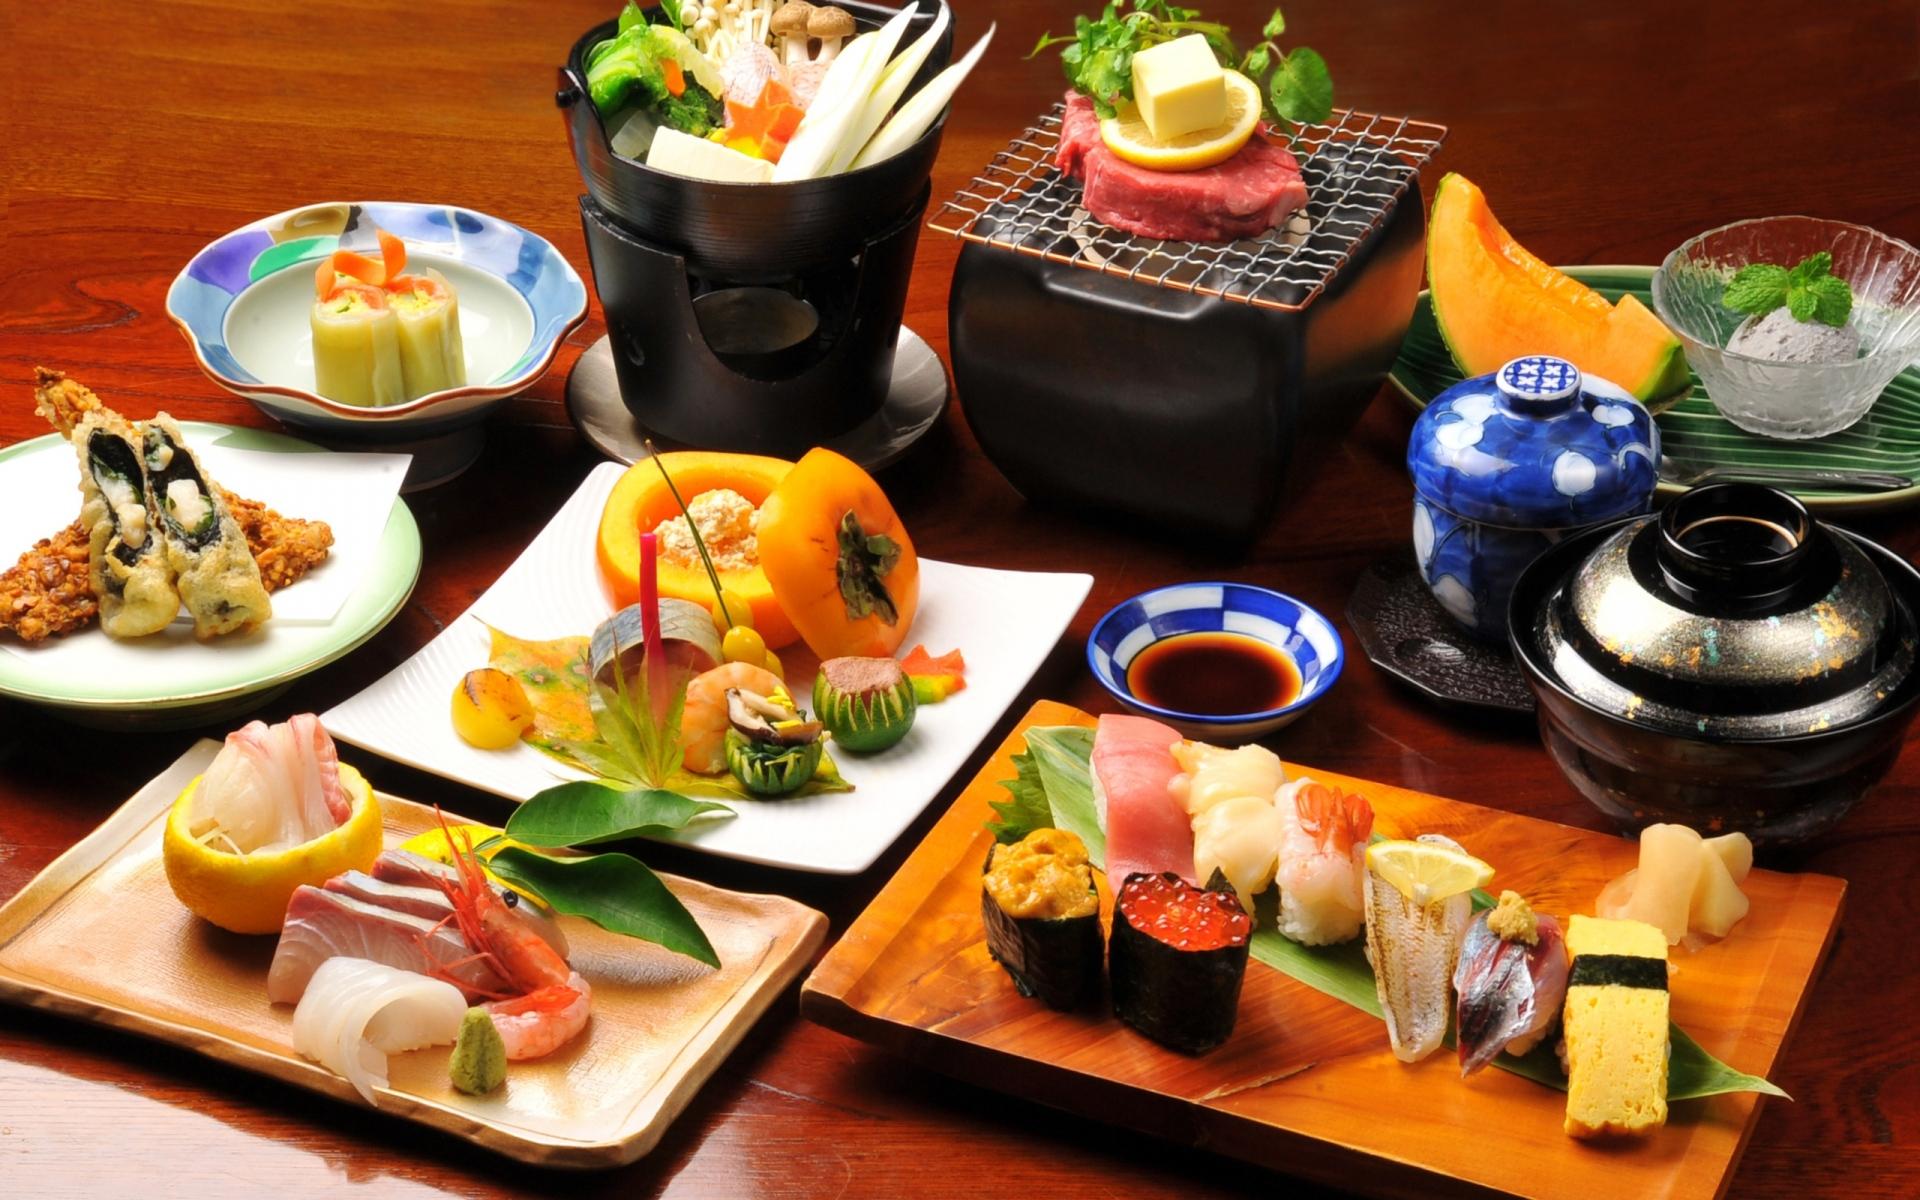 Картинки Булочки, суши, японская еда, фрукты, овощи фото и обои на рабочий стол